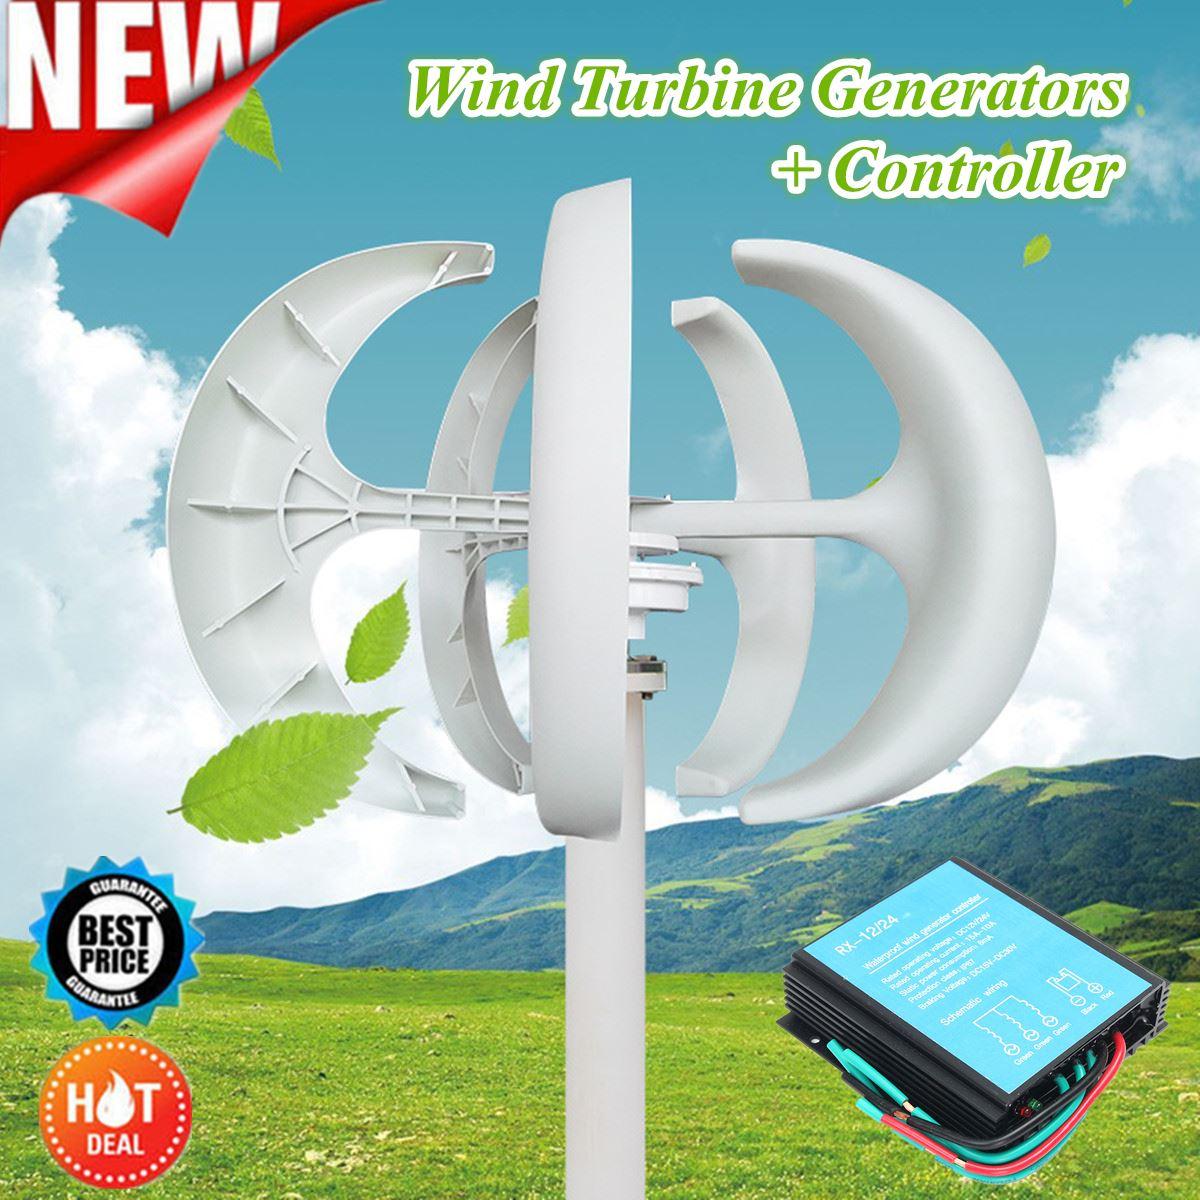 100 Вт 200 Вт 300 Вт 400 Вт 12/24 В ветрогенератор автоматический Latern генератор с 600 Вт контроллер ветер для гибридный Светофор